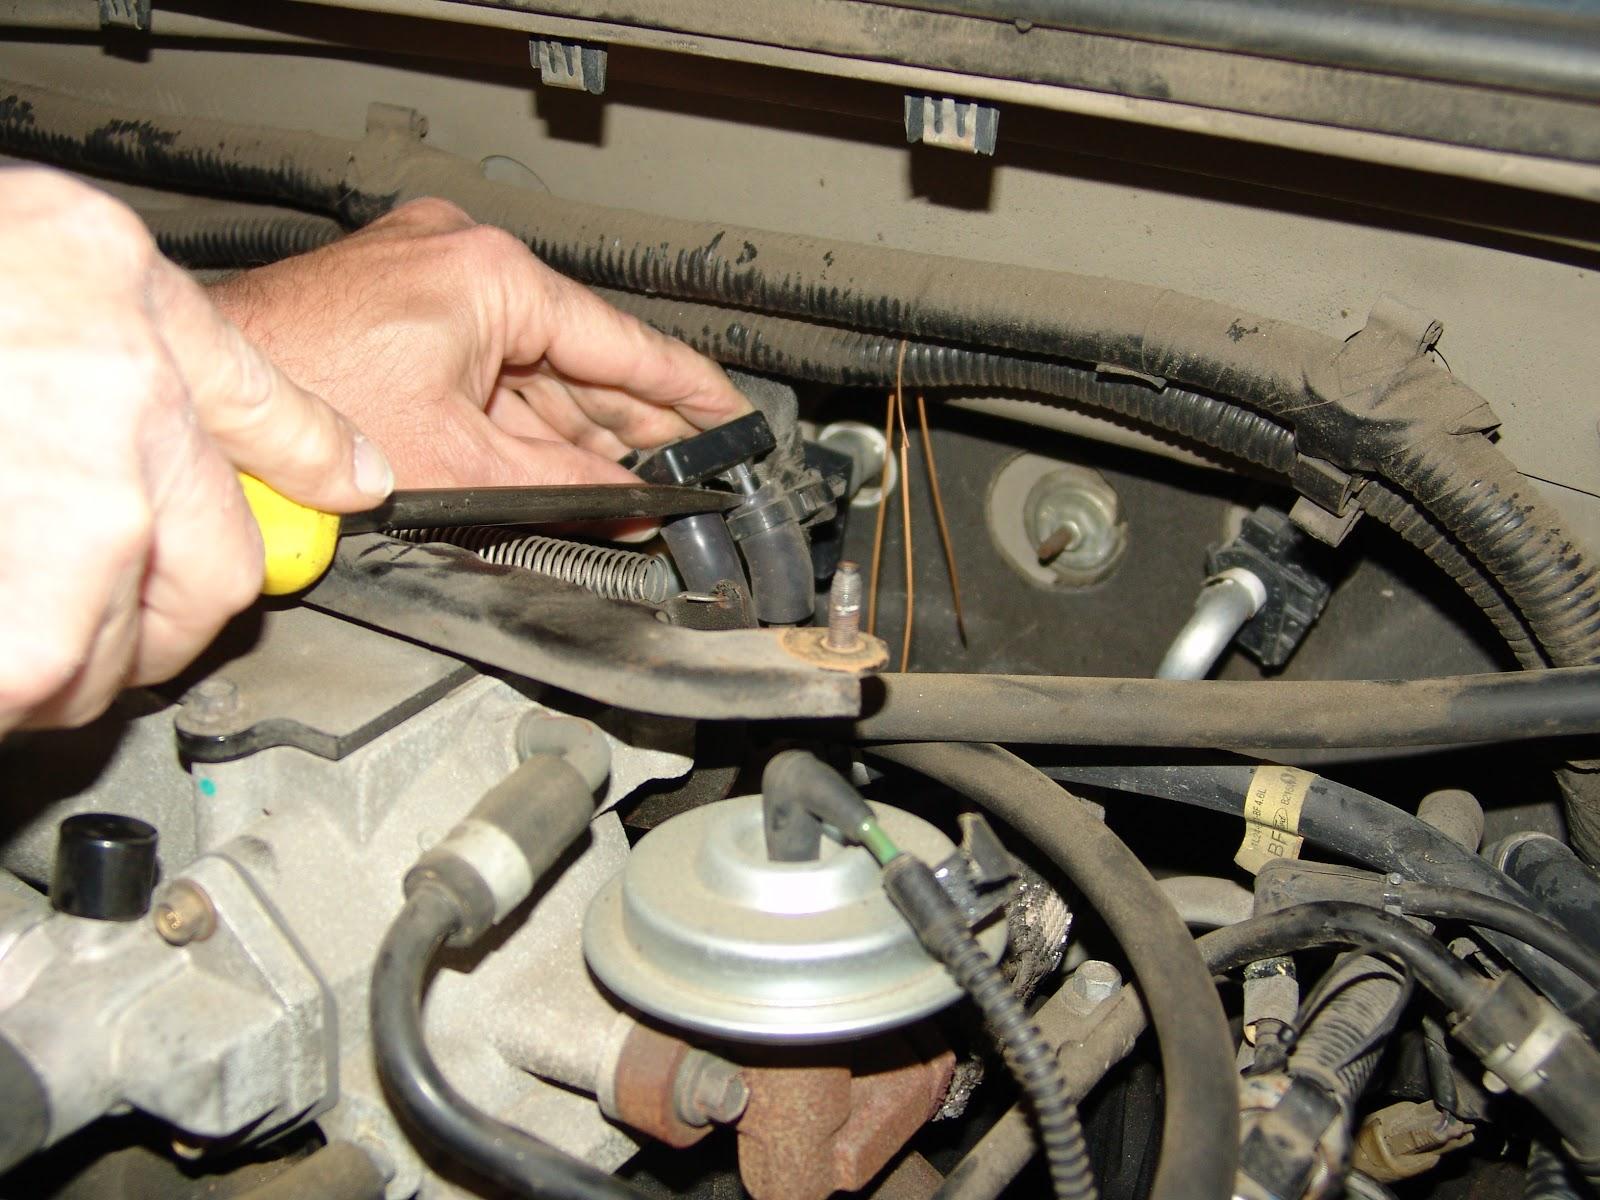 2000 Pontiac Firebird Engine Diagram Wiring Diagram Photos For Help